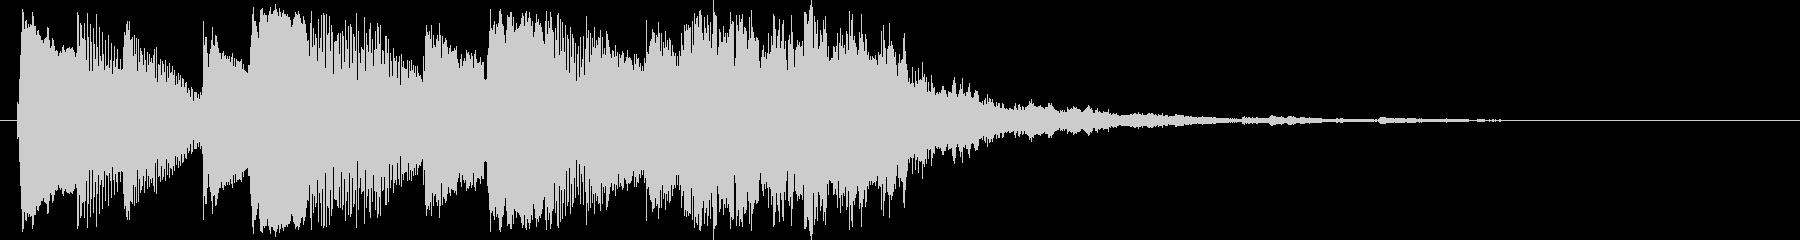 ジングル2 / ピアノ / サウンドロゴの未再生の波形